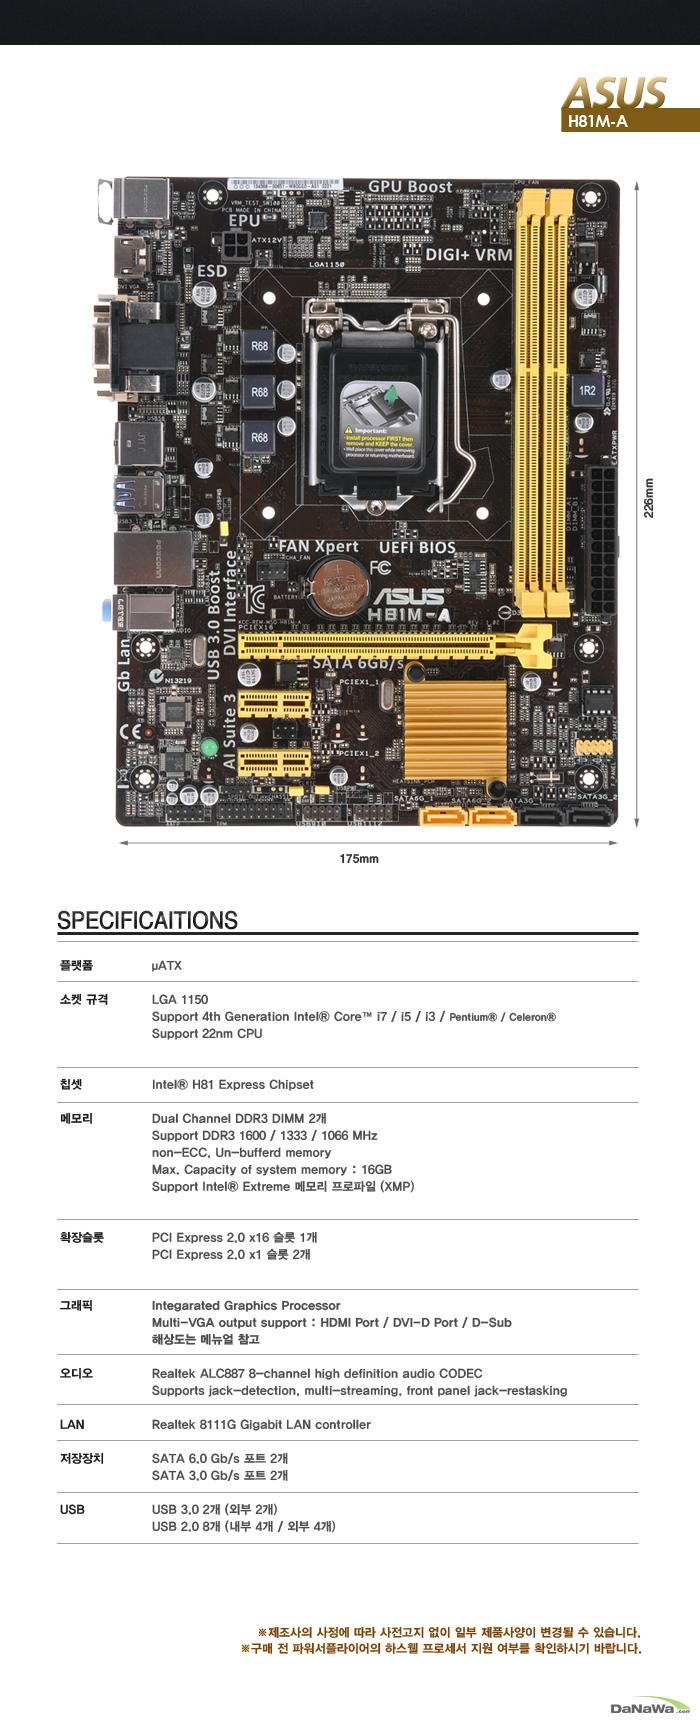 ASUS H81M-A iBORA 제품 정면 이미지 및 실측 사이즈, 상세 제품 사양 이미지